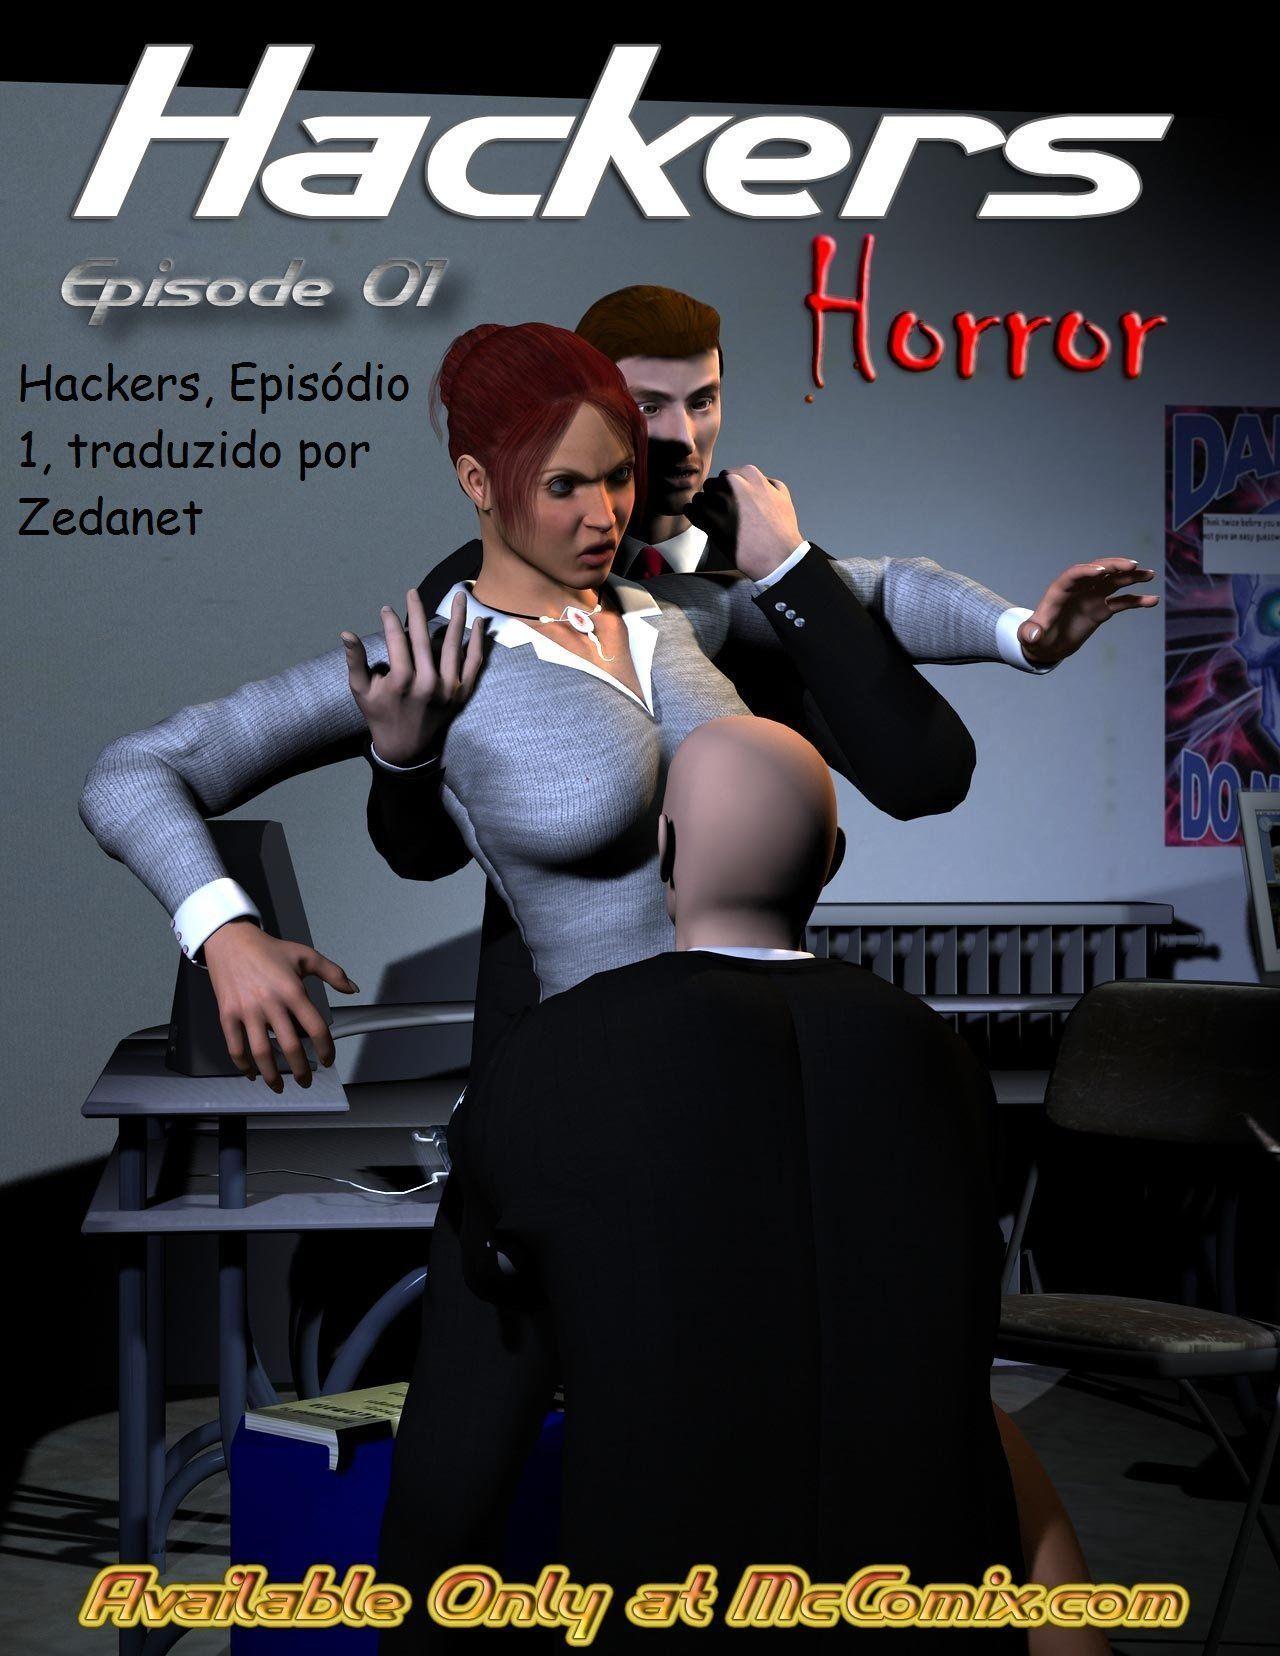 A hacker violentada